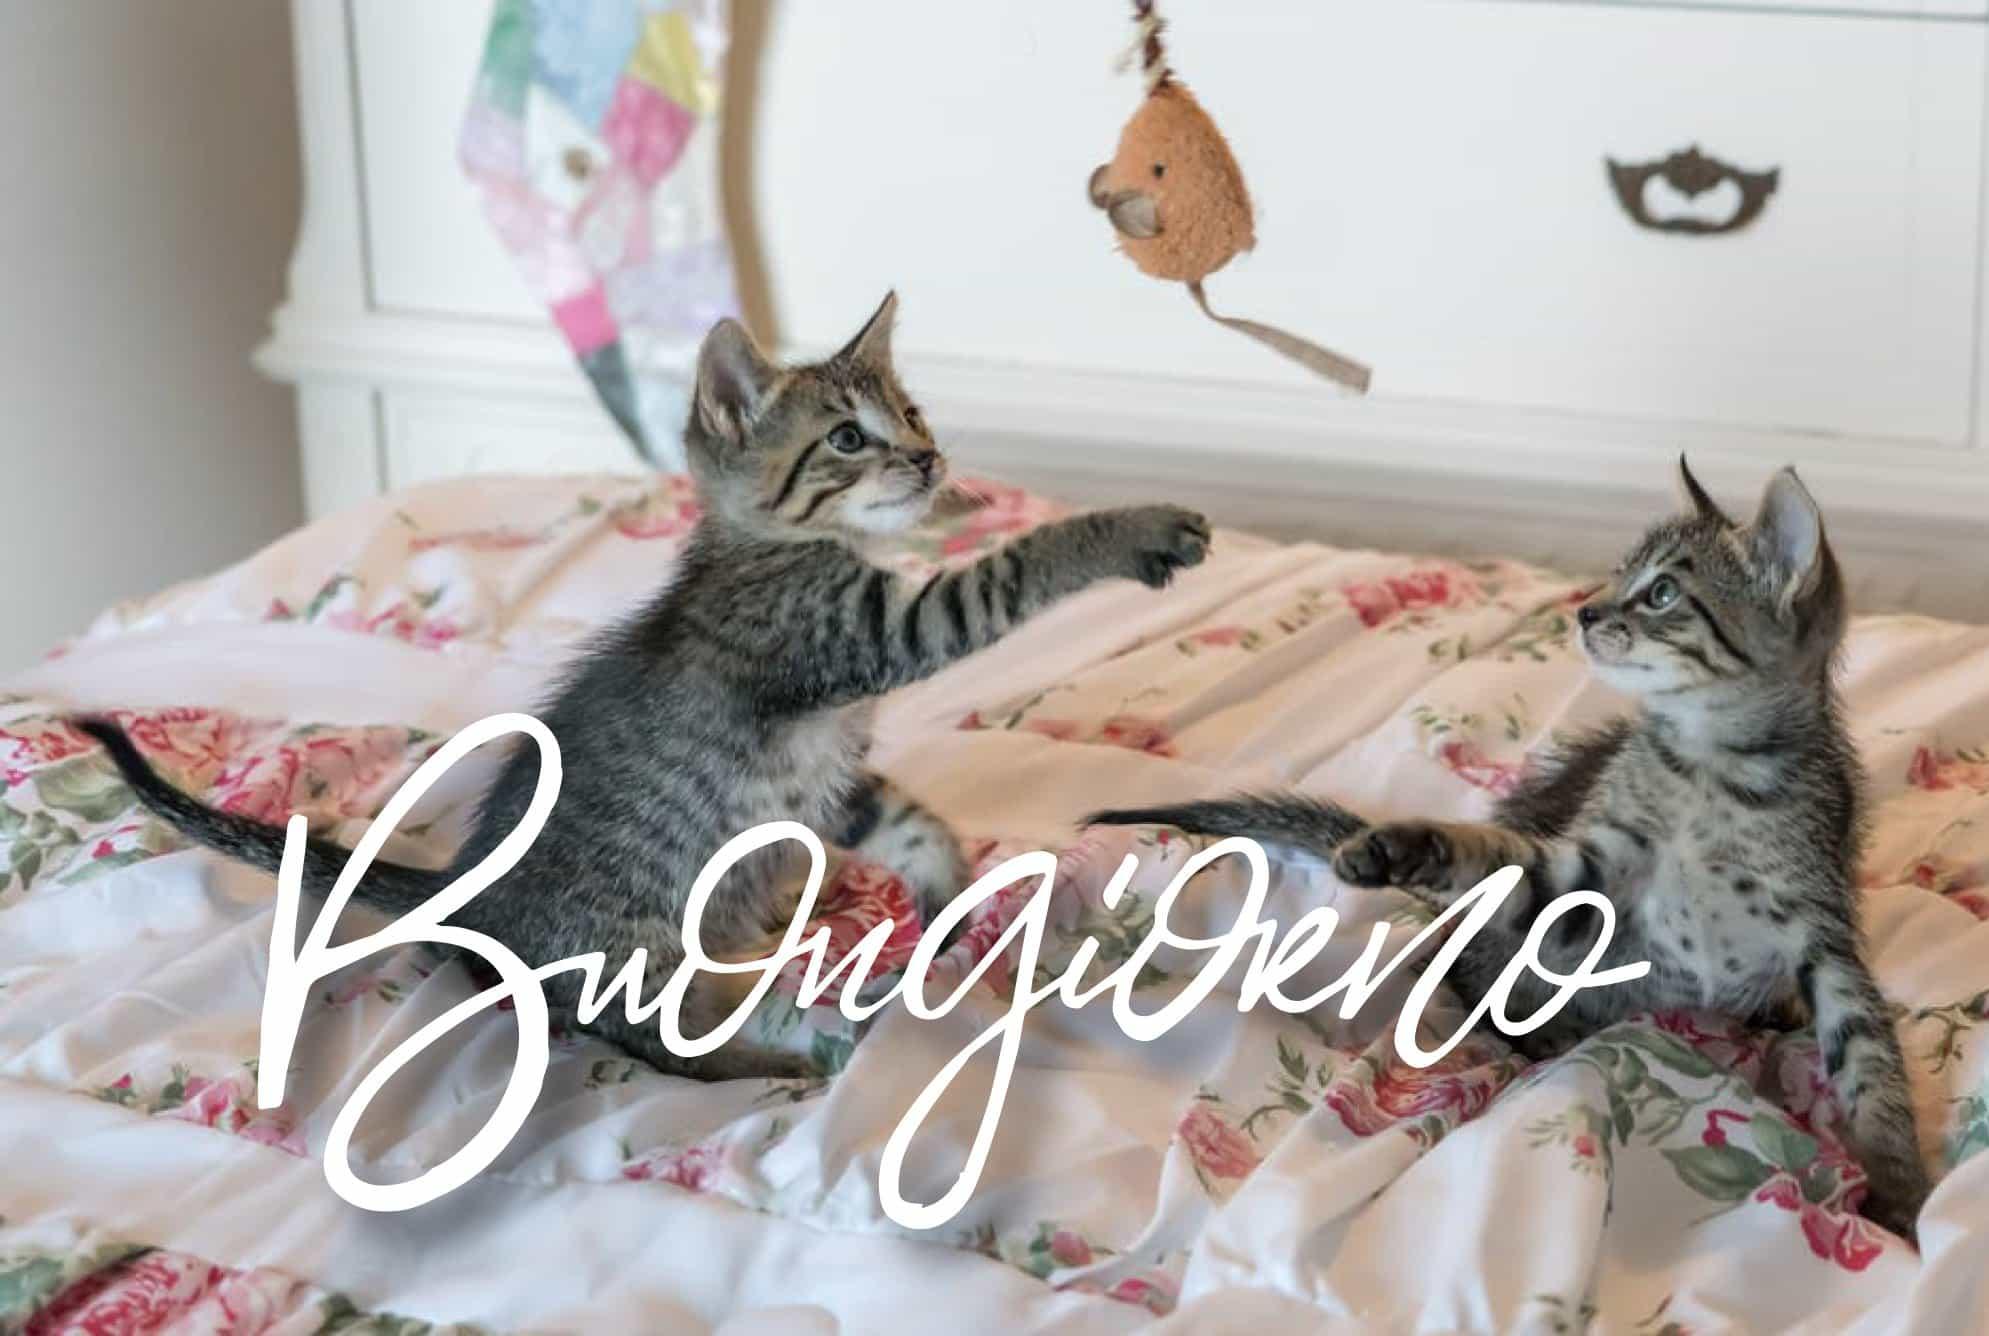 Le immagini del buongiorno con i gatti foto 2 foto for Buongiorno con gattini